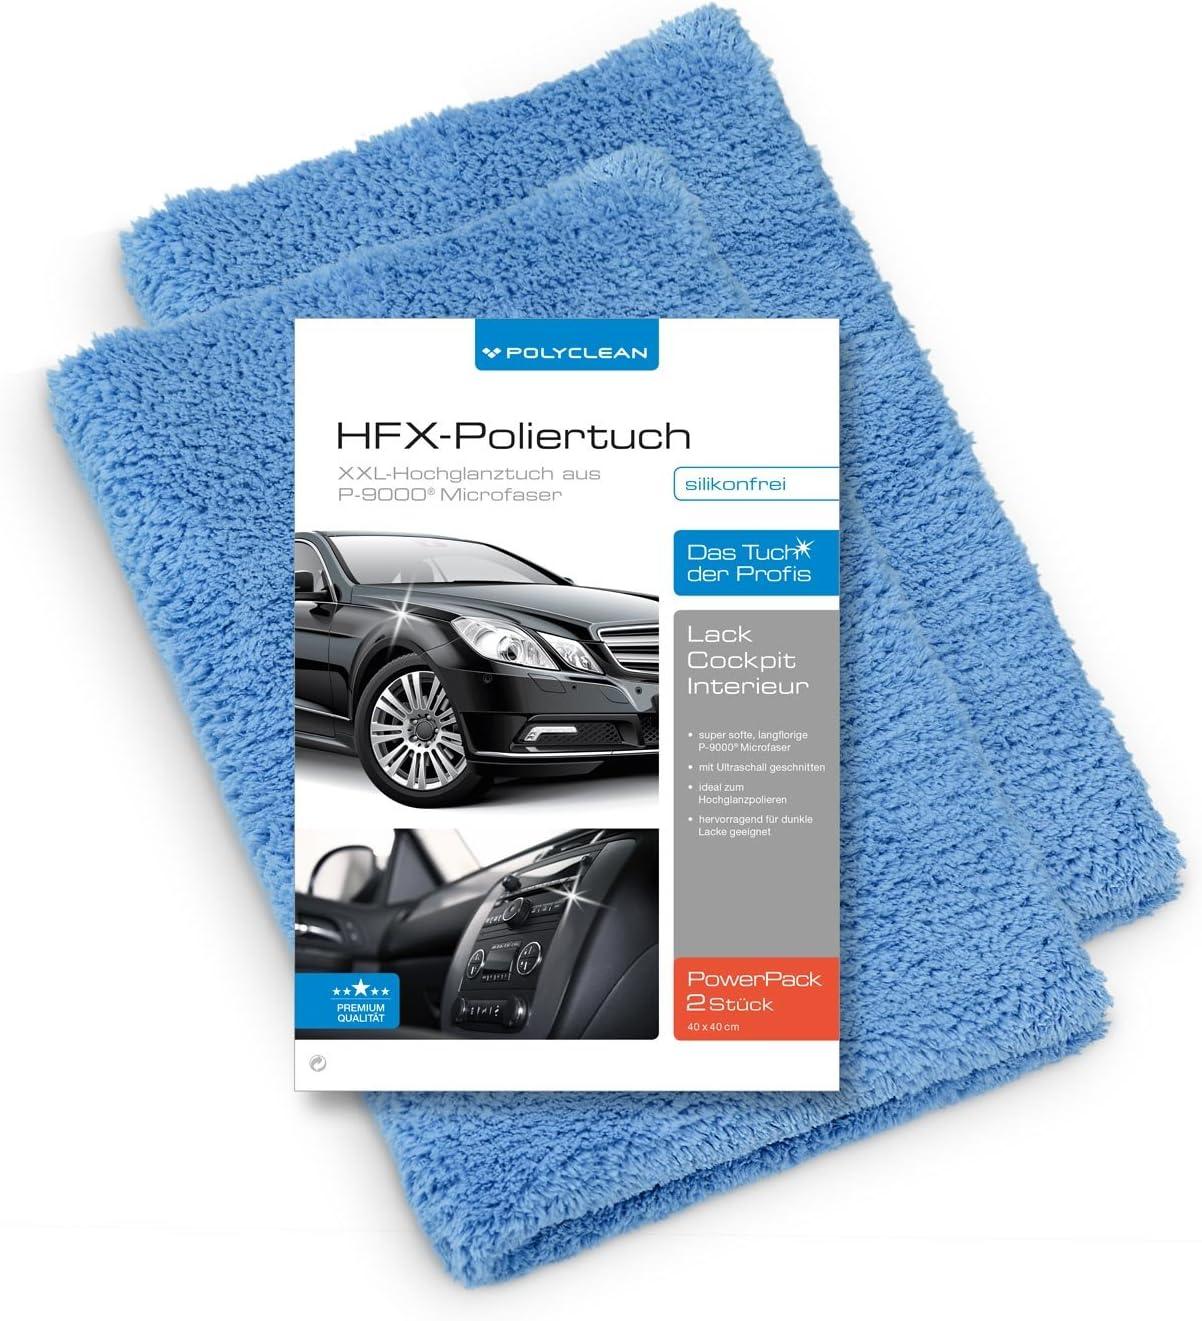 Polyclean 2x Auto Mikrofasertuch Saugstarkes Poliertuch Für Eine Lackschonende Autopflege Randloses Und Sanftes Trockentuch 40 X 40 Cm Blau 2 Stück Auto